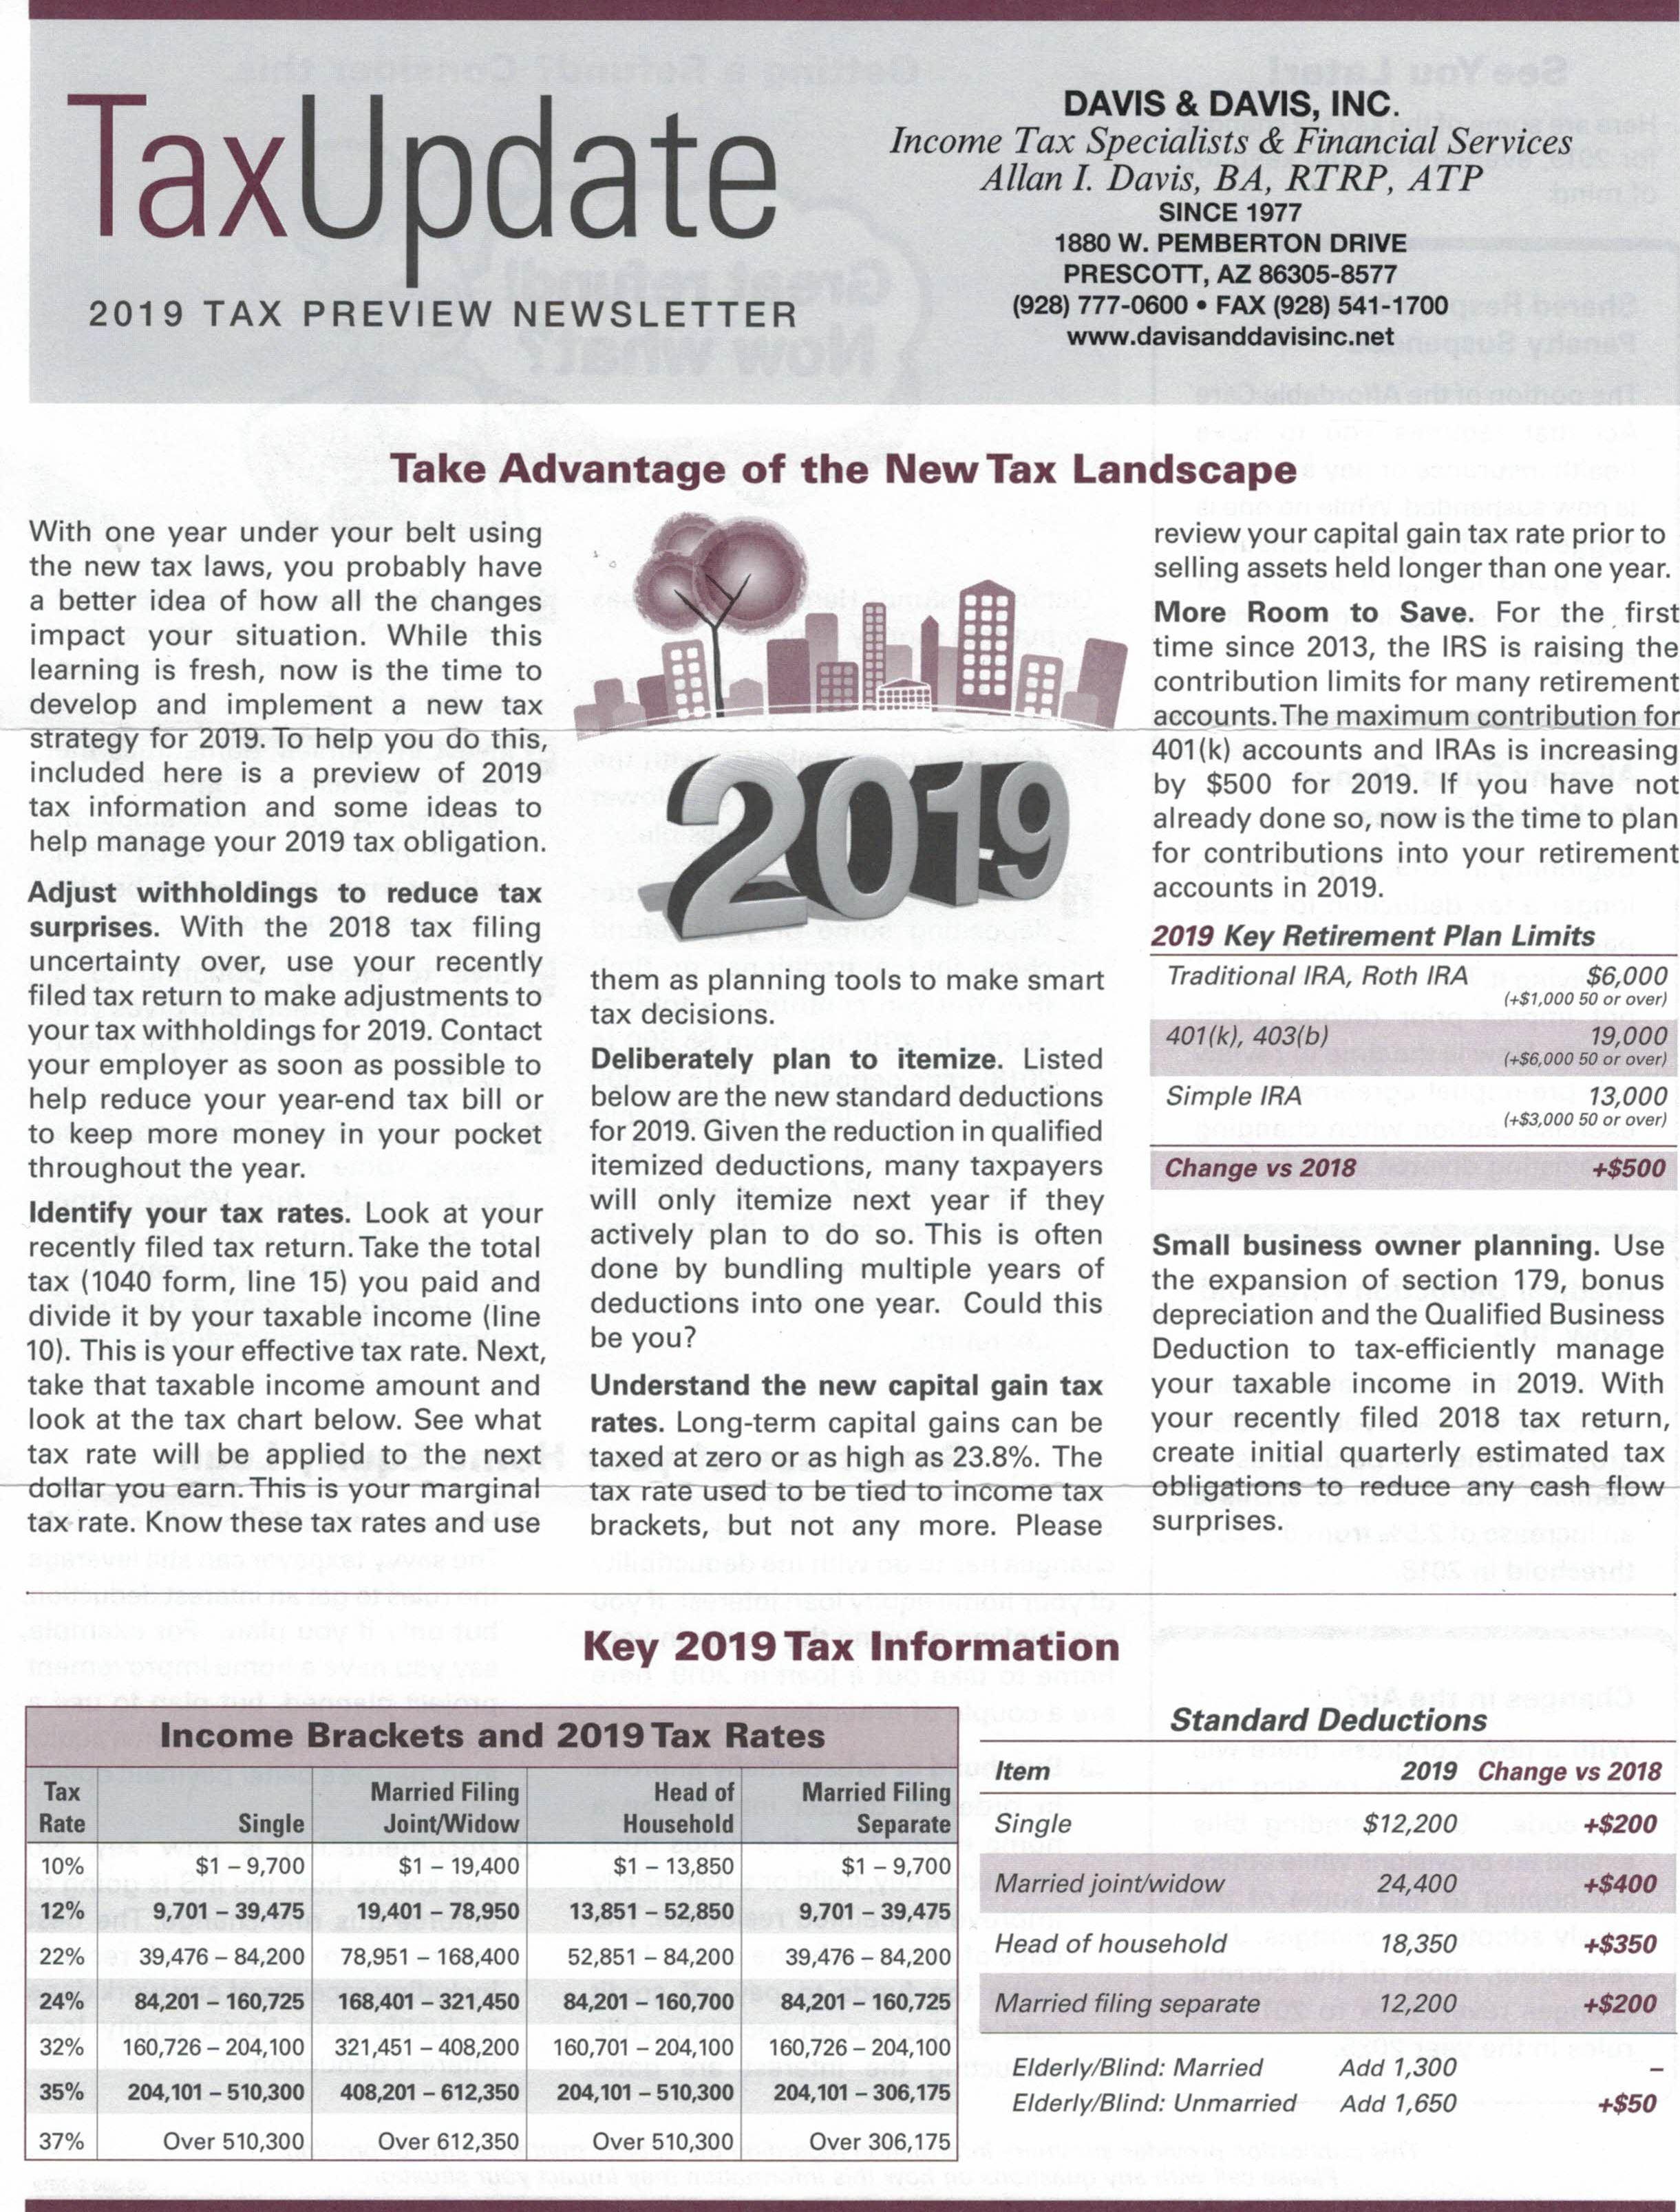 Tax Update Jan 2019